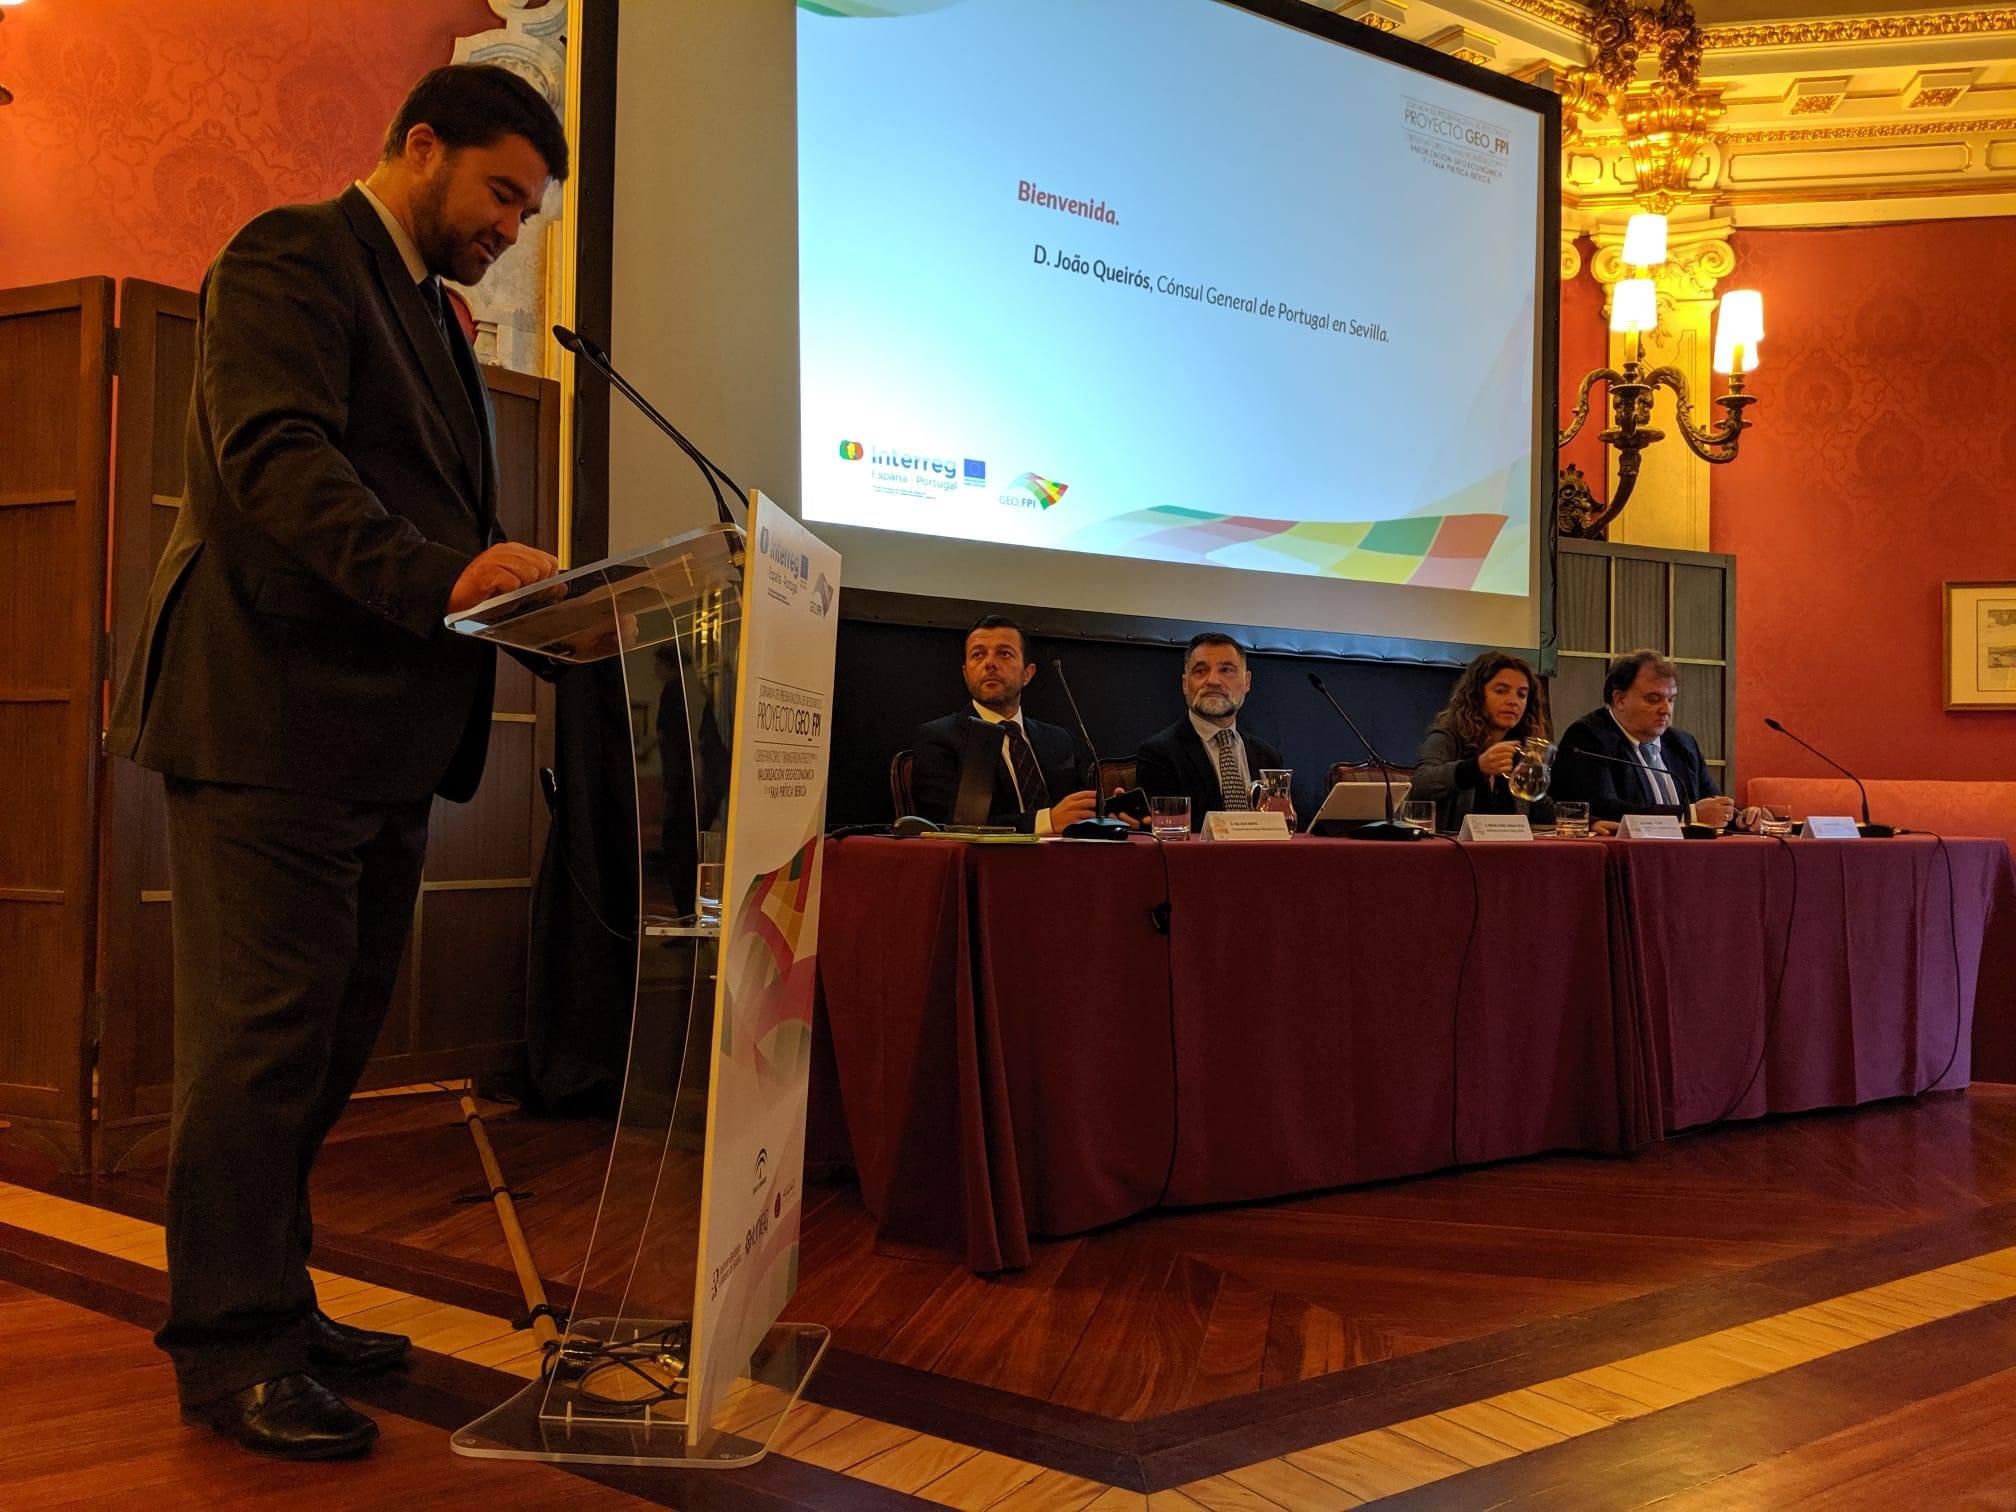 Jornada de Encerramento do Projeto GEO_FPI - Observatório Transfronteiriço para a Valorização Geo-Económica da Faixa Piritosa Ibérica